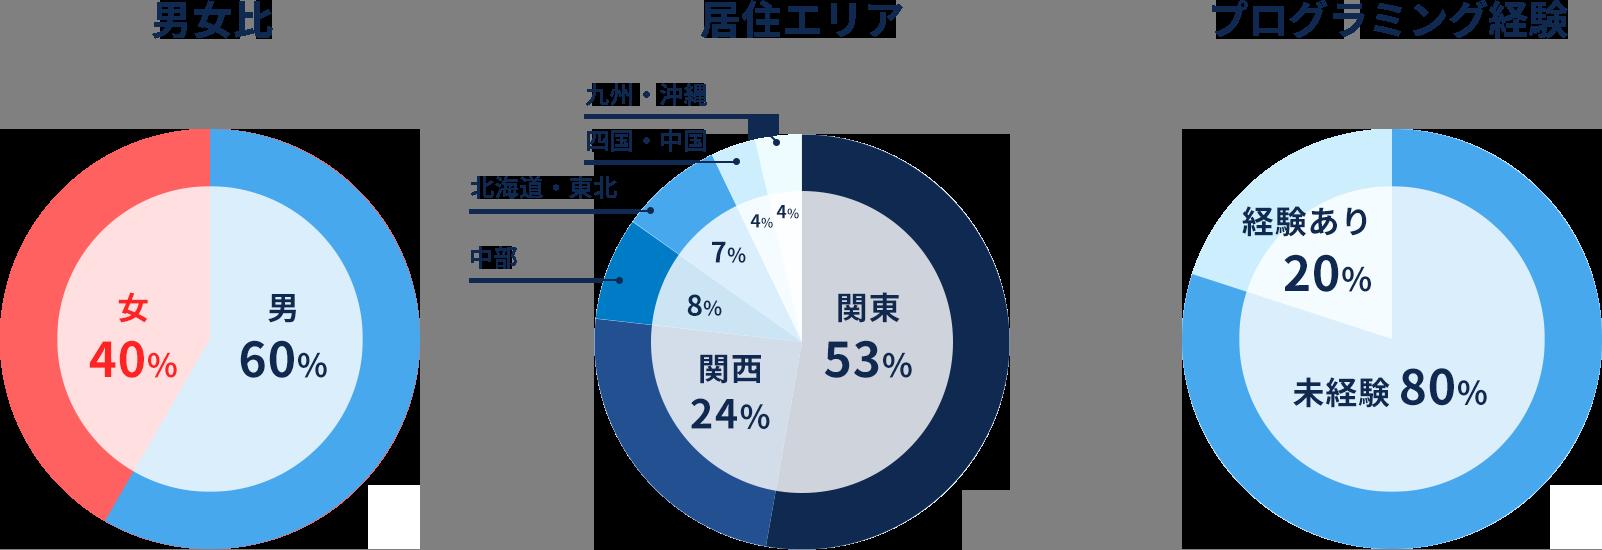 実績グラフ